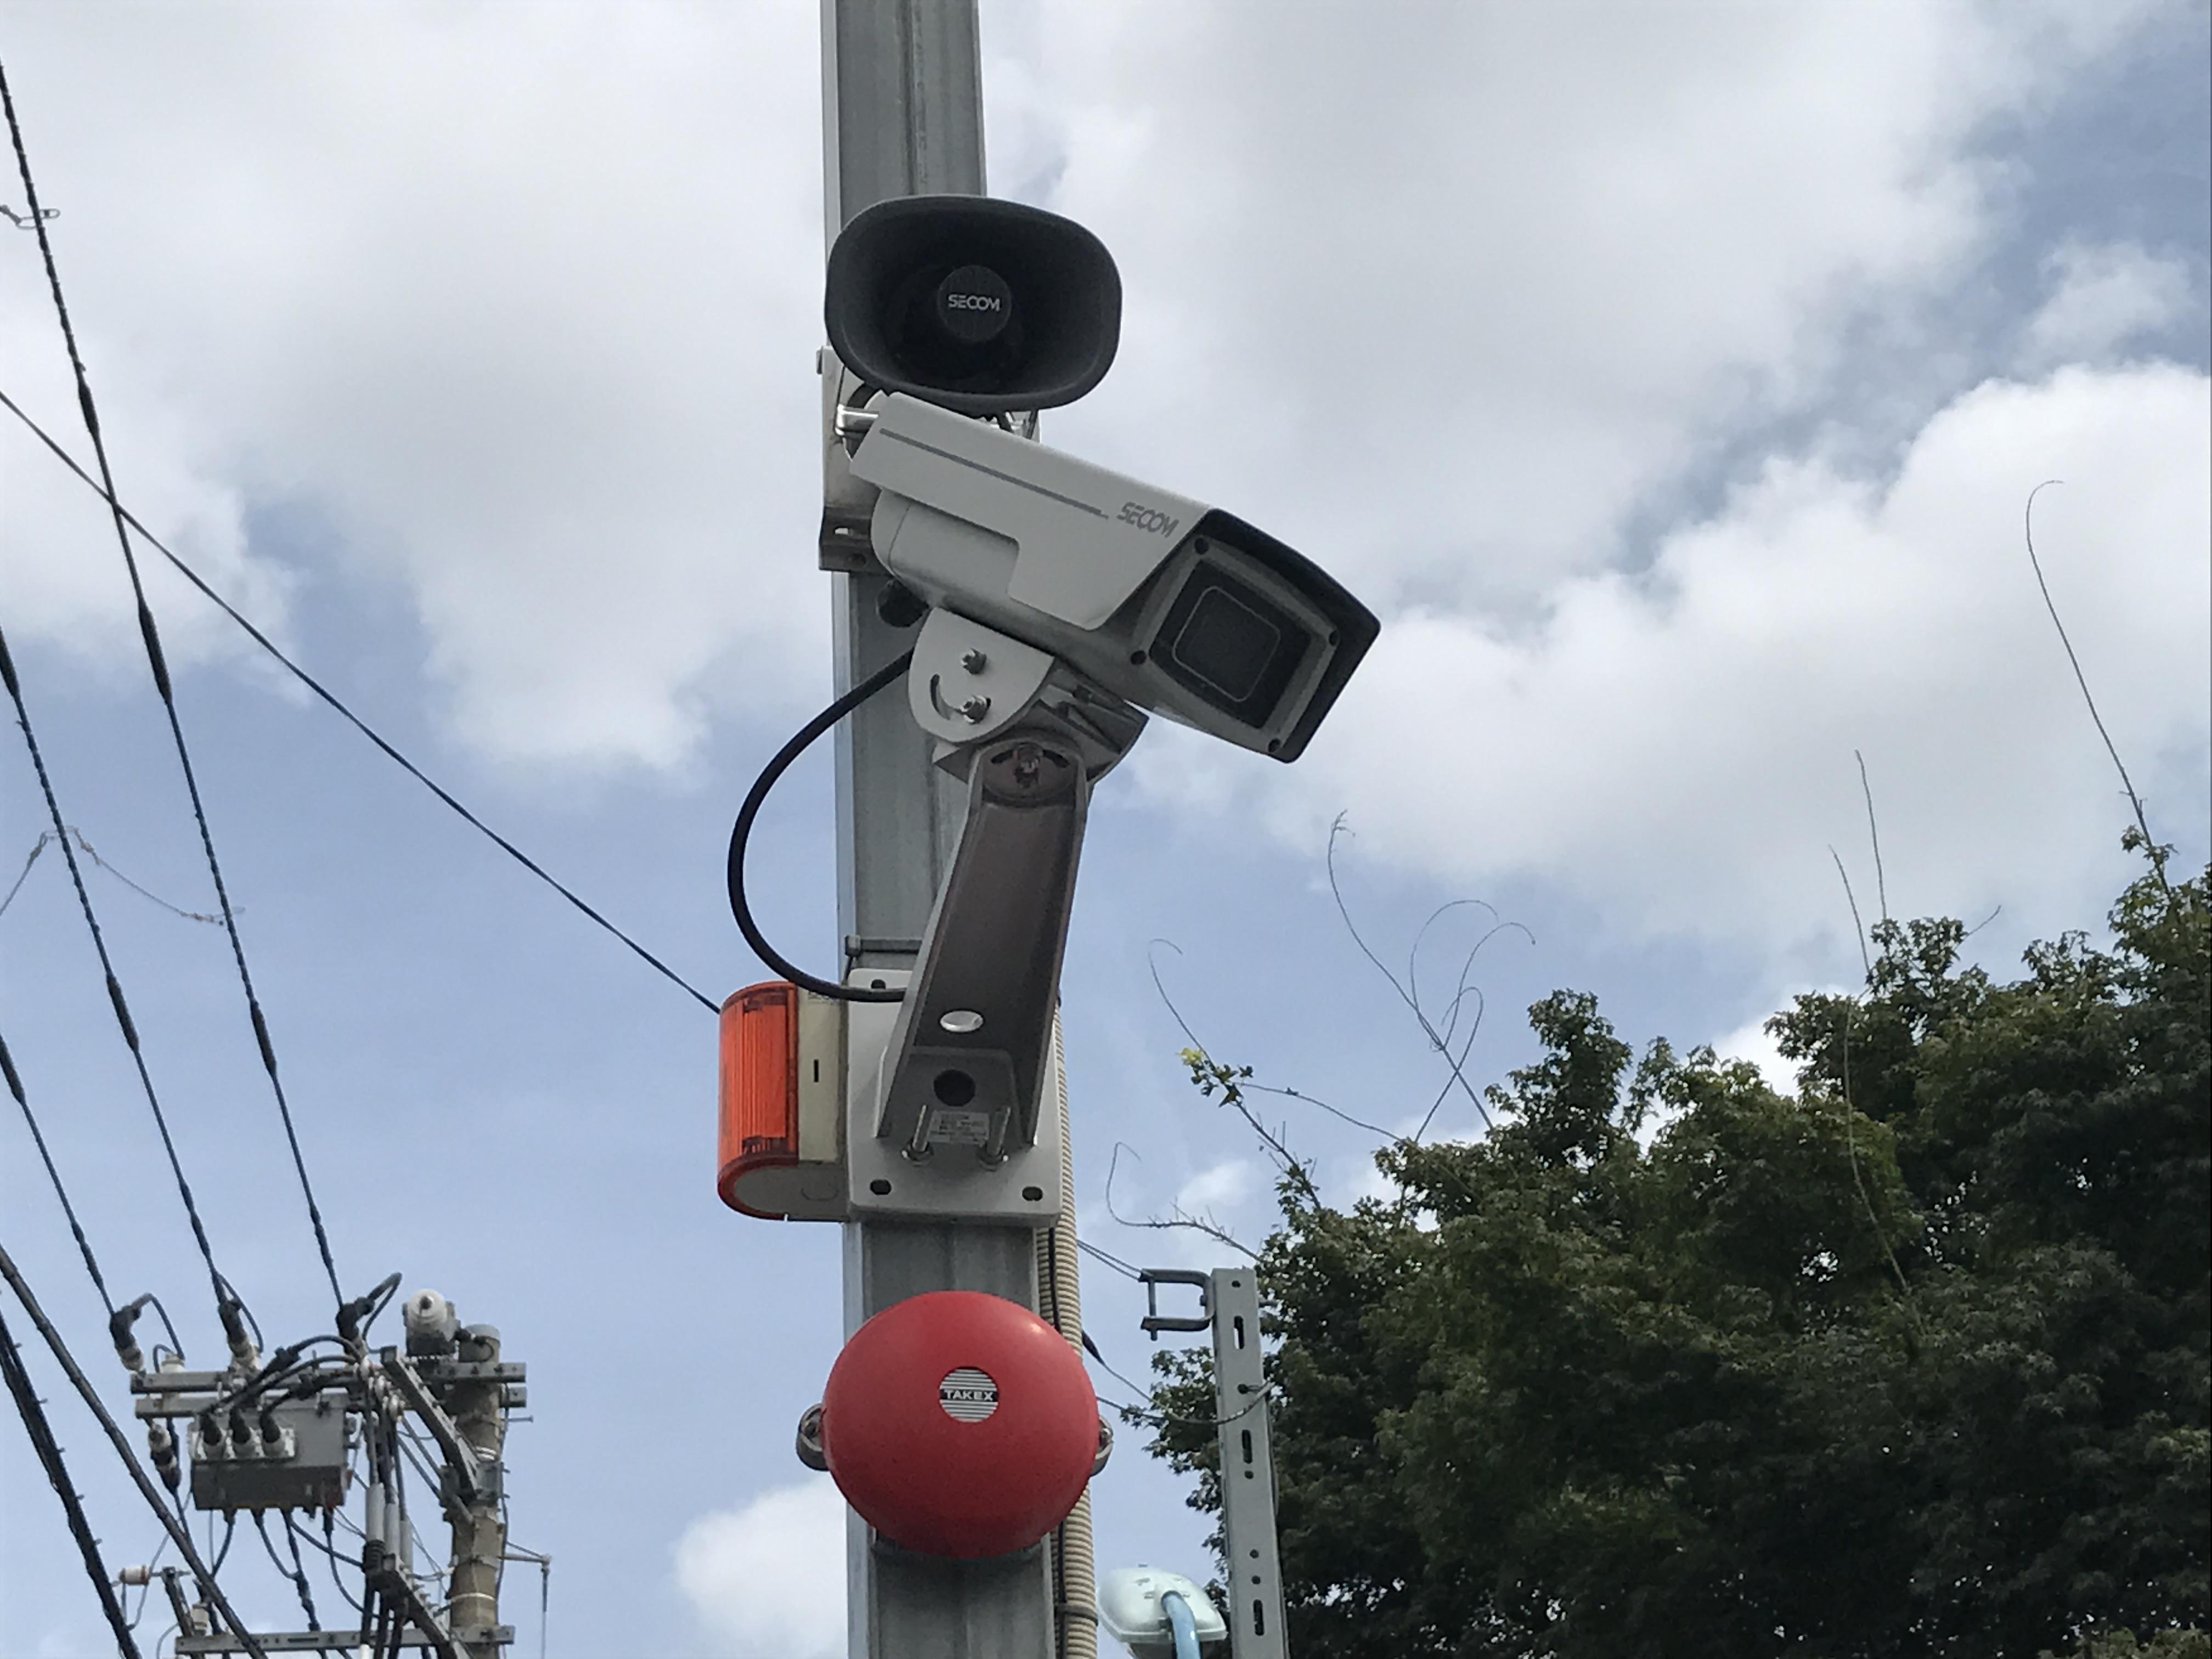 杉並桃井店(バイクガレージ) 監視カメラも設置されています